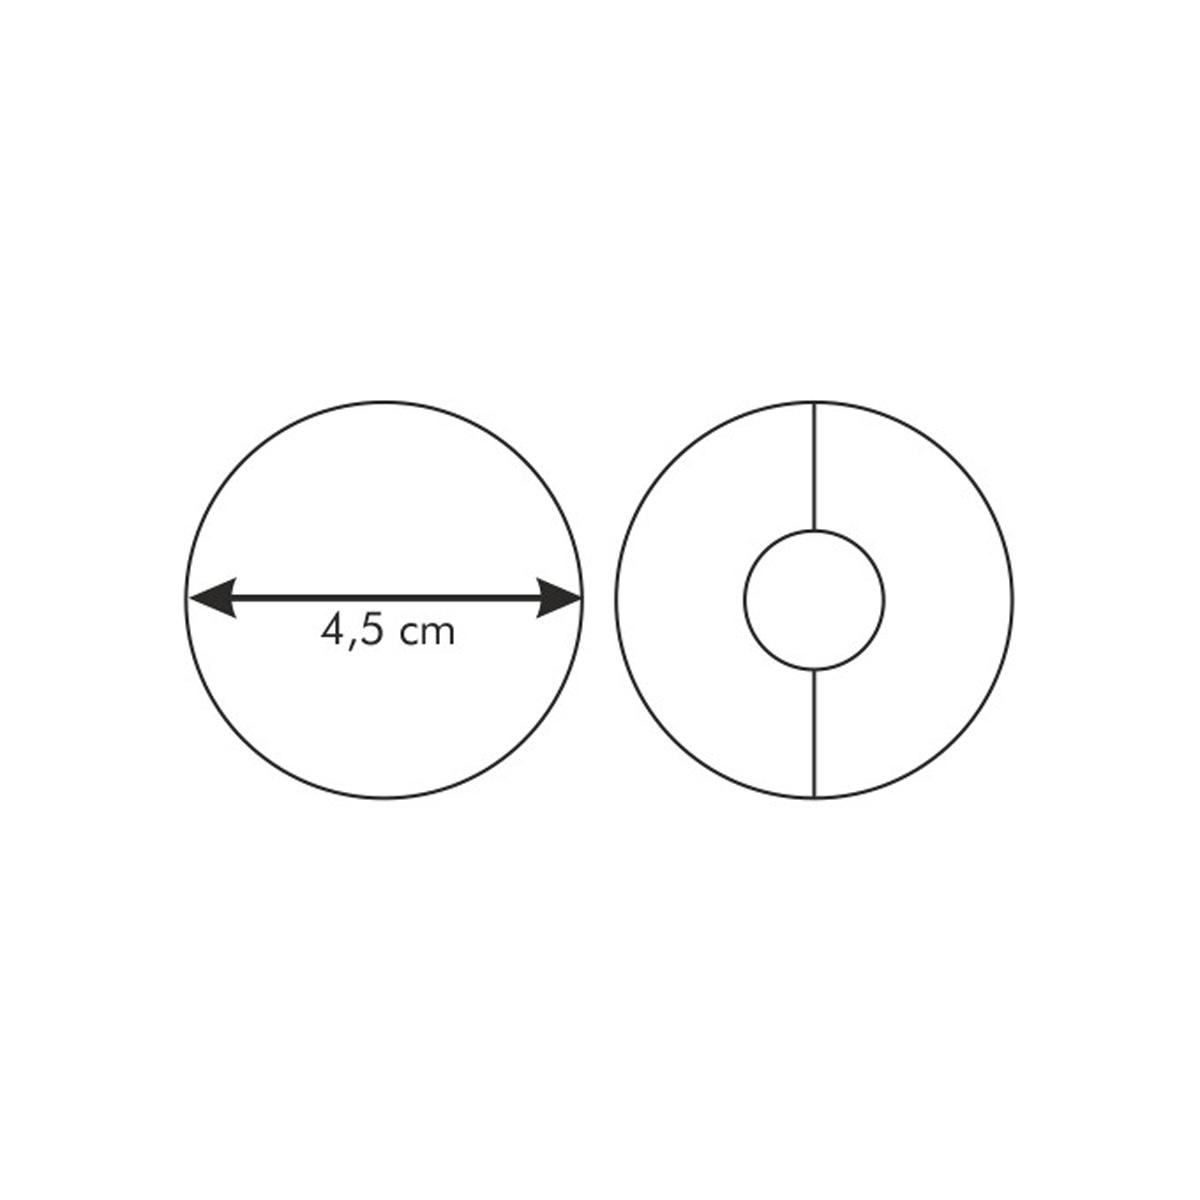 Linecké kolečko DELÍCIA ø 4.5 cm